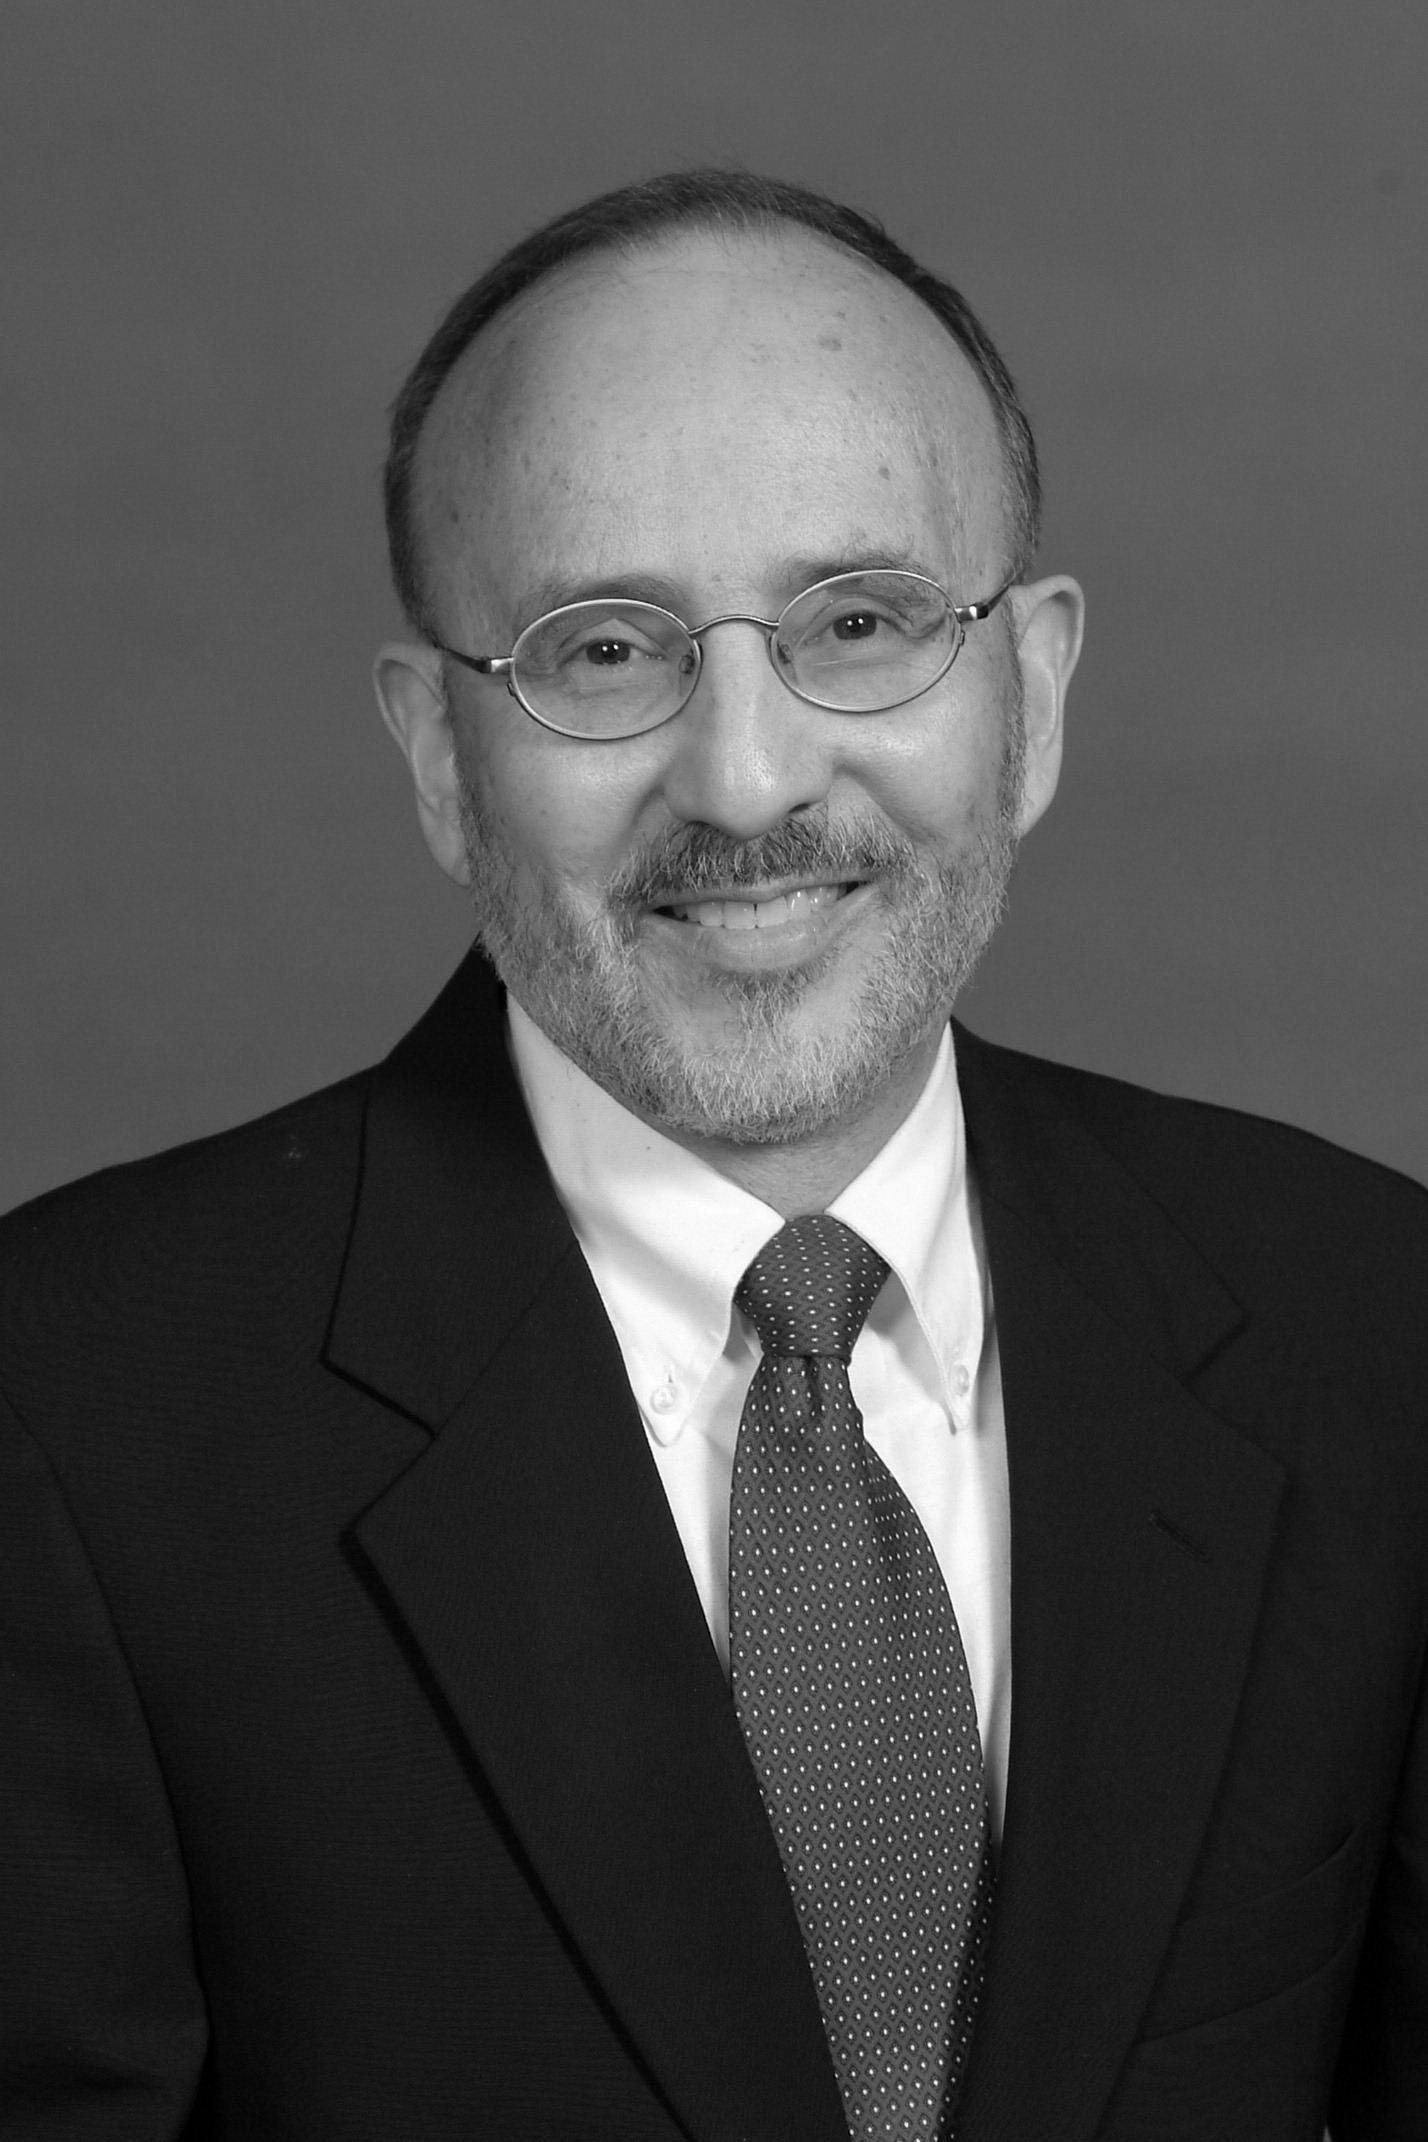 Robert Pazmiño